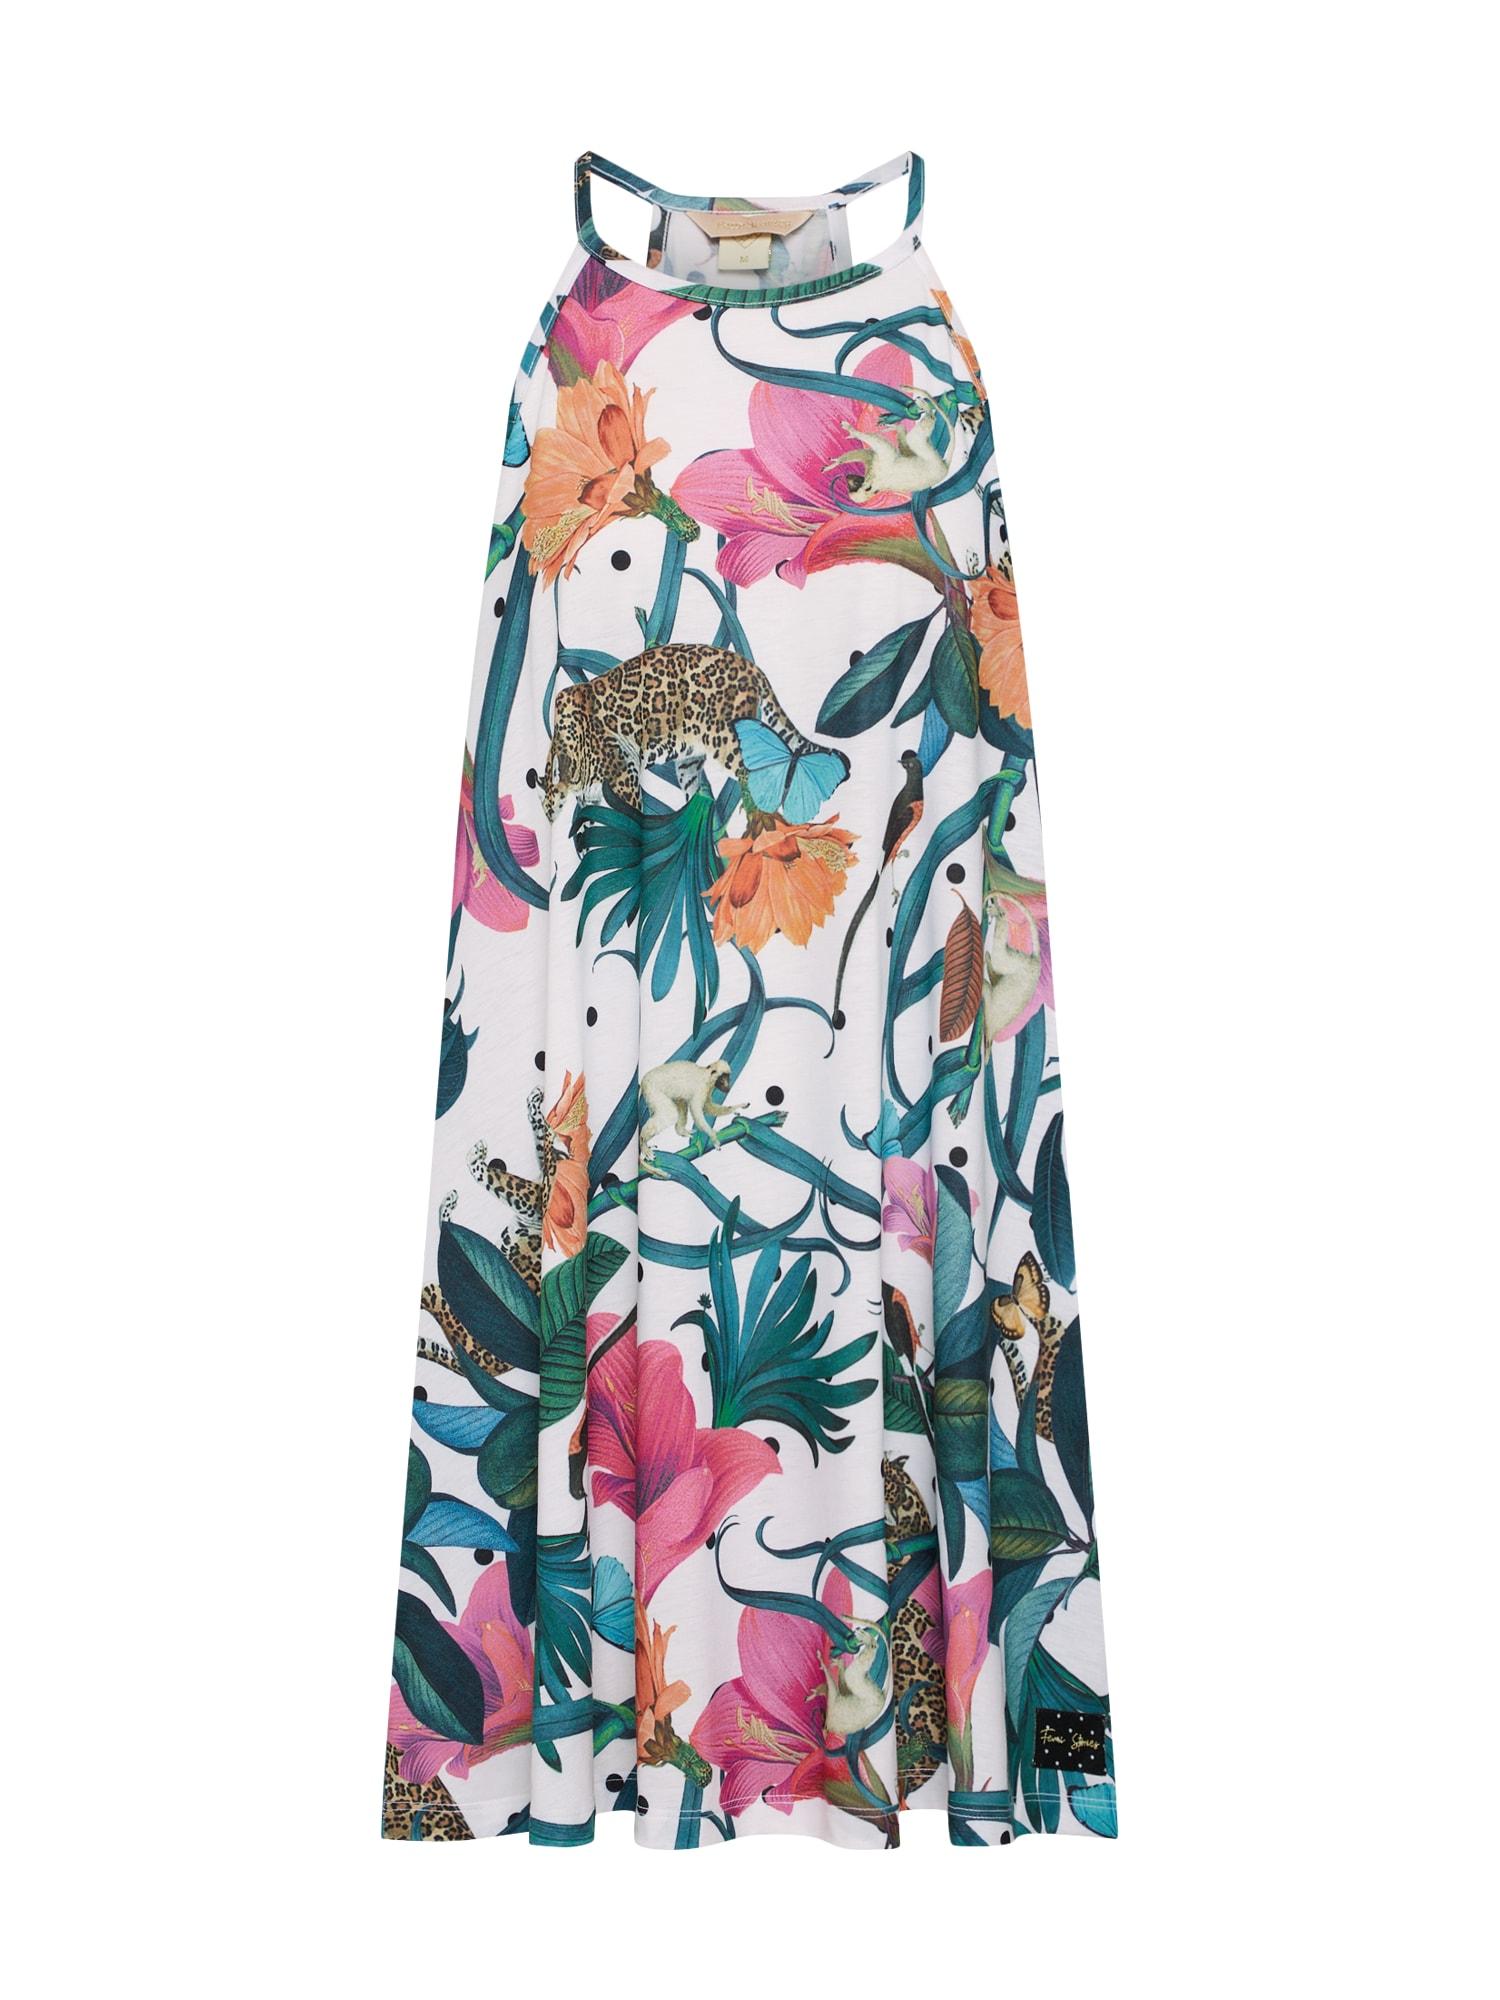 Letní šaty BOBI mix barev Femi Stories